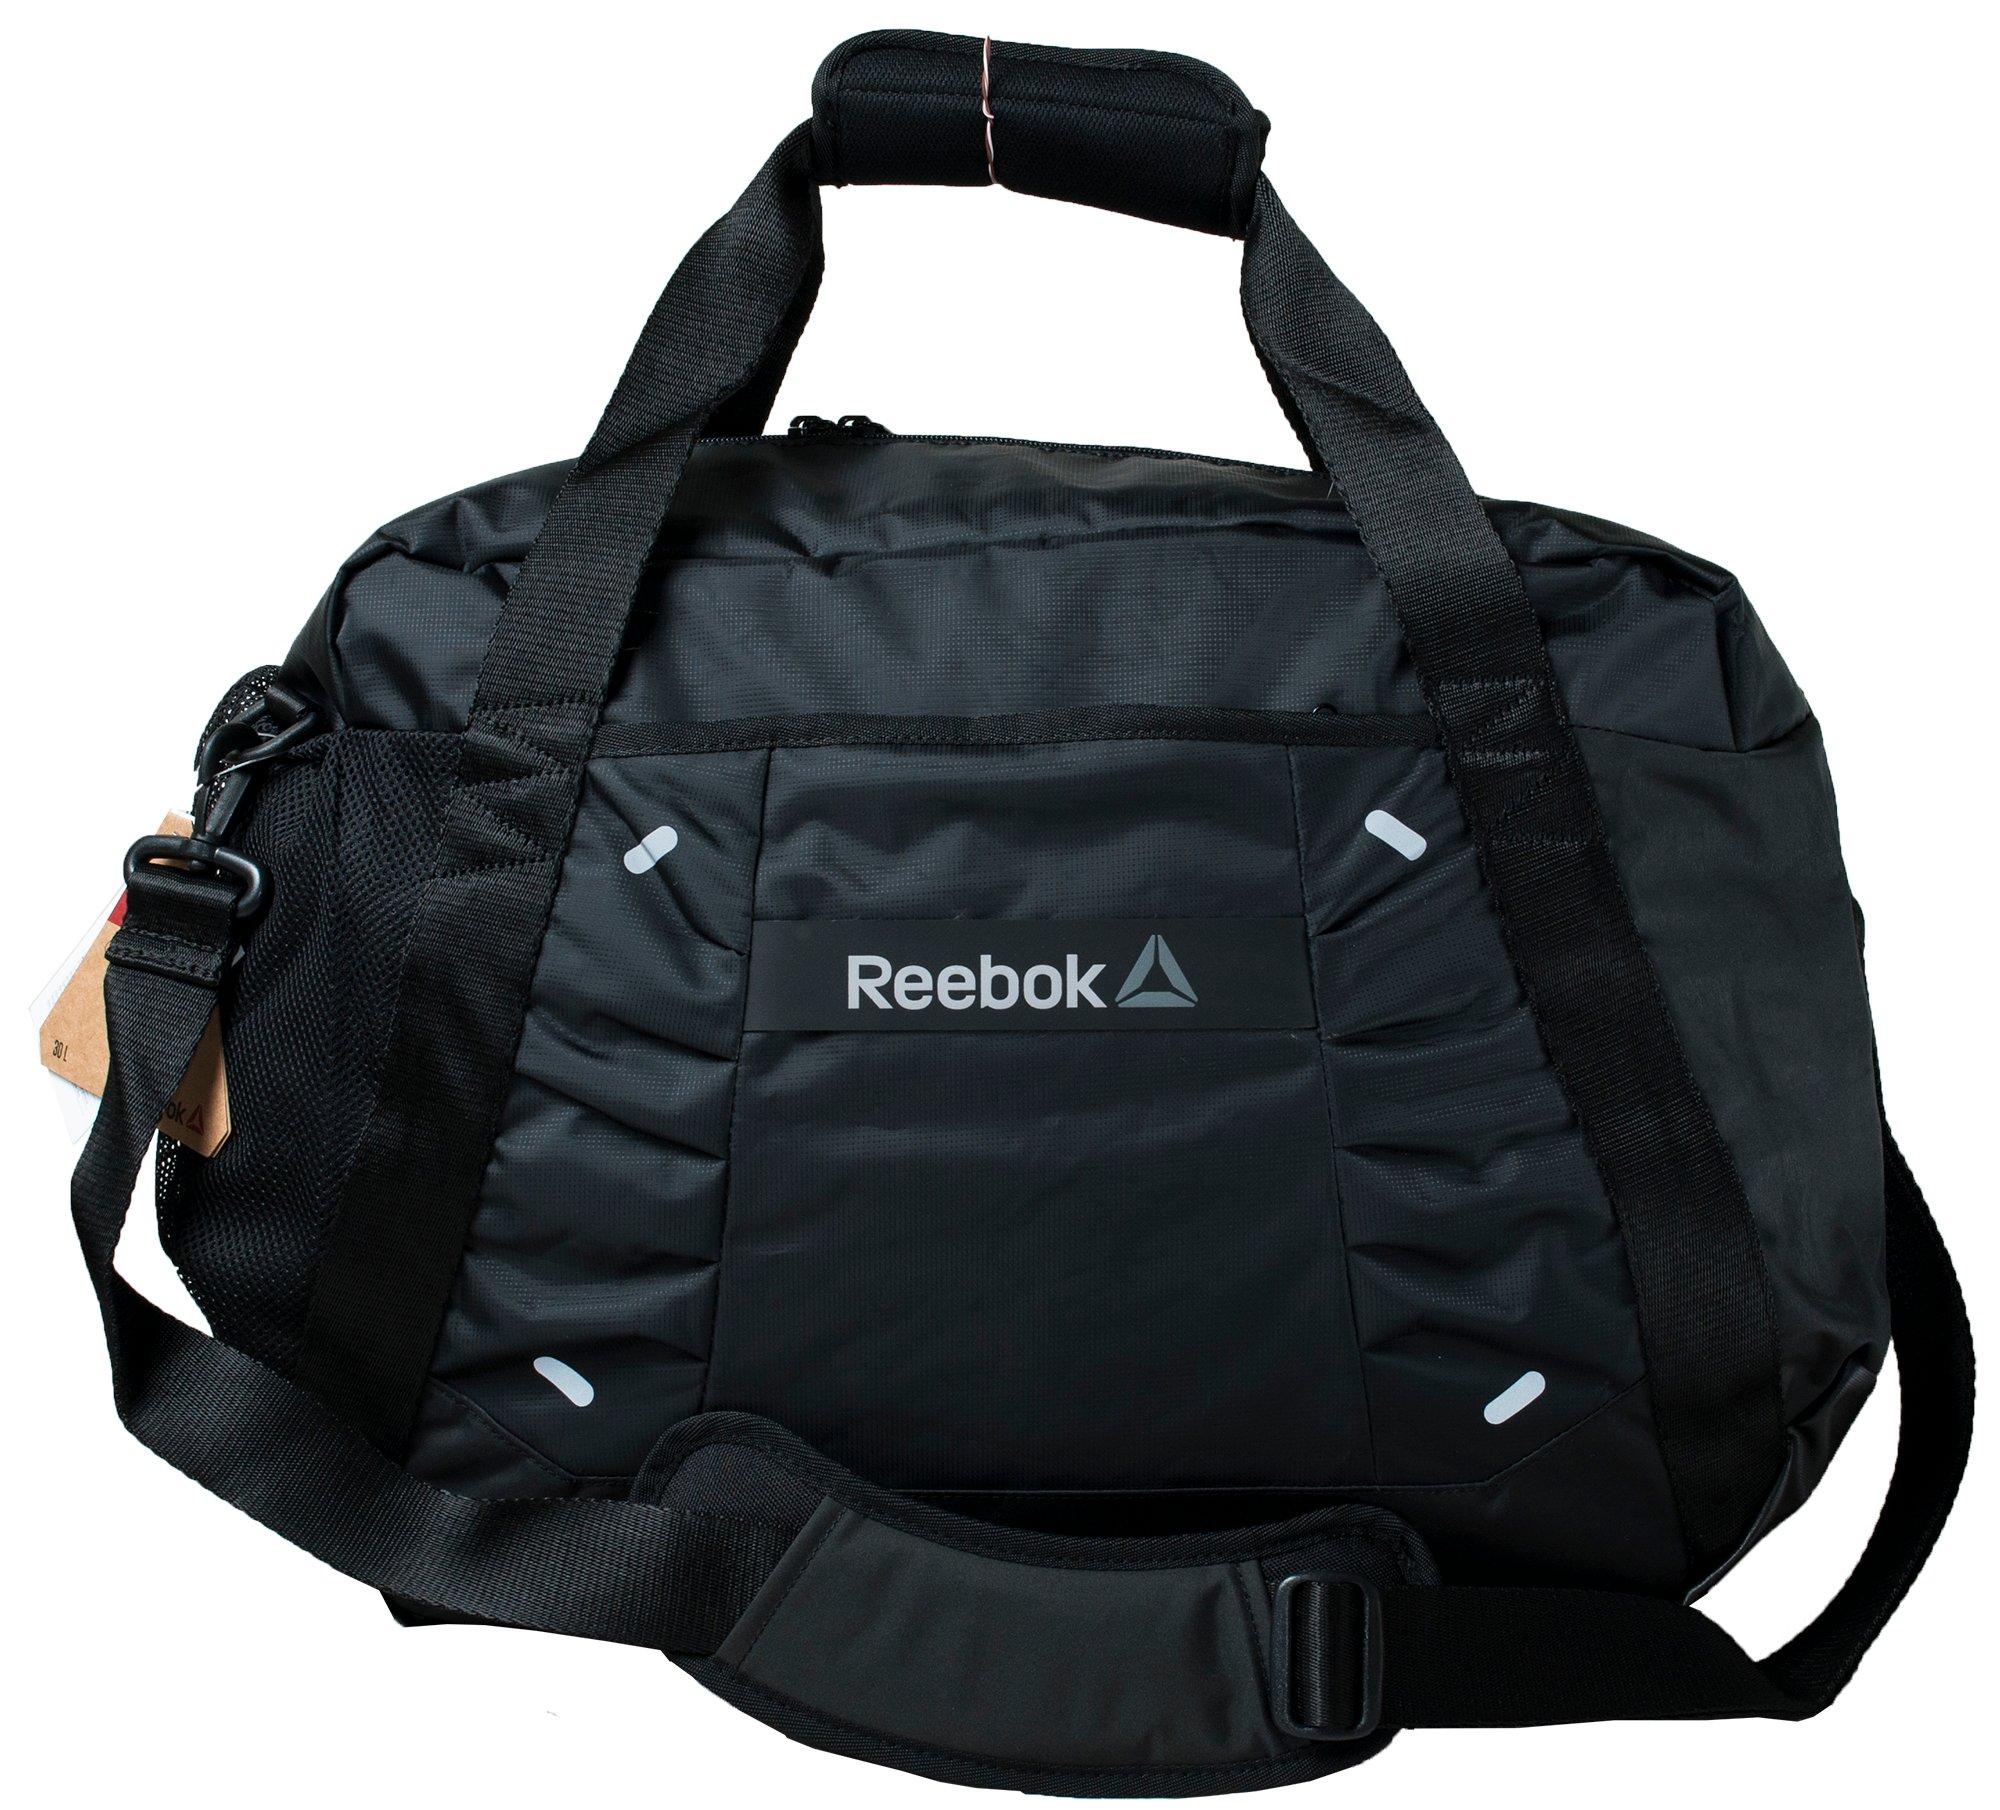 6cfeab6505ec5 Reebok Torba Fitness Wyjątkowa Praktyczna Lekka